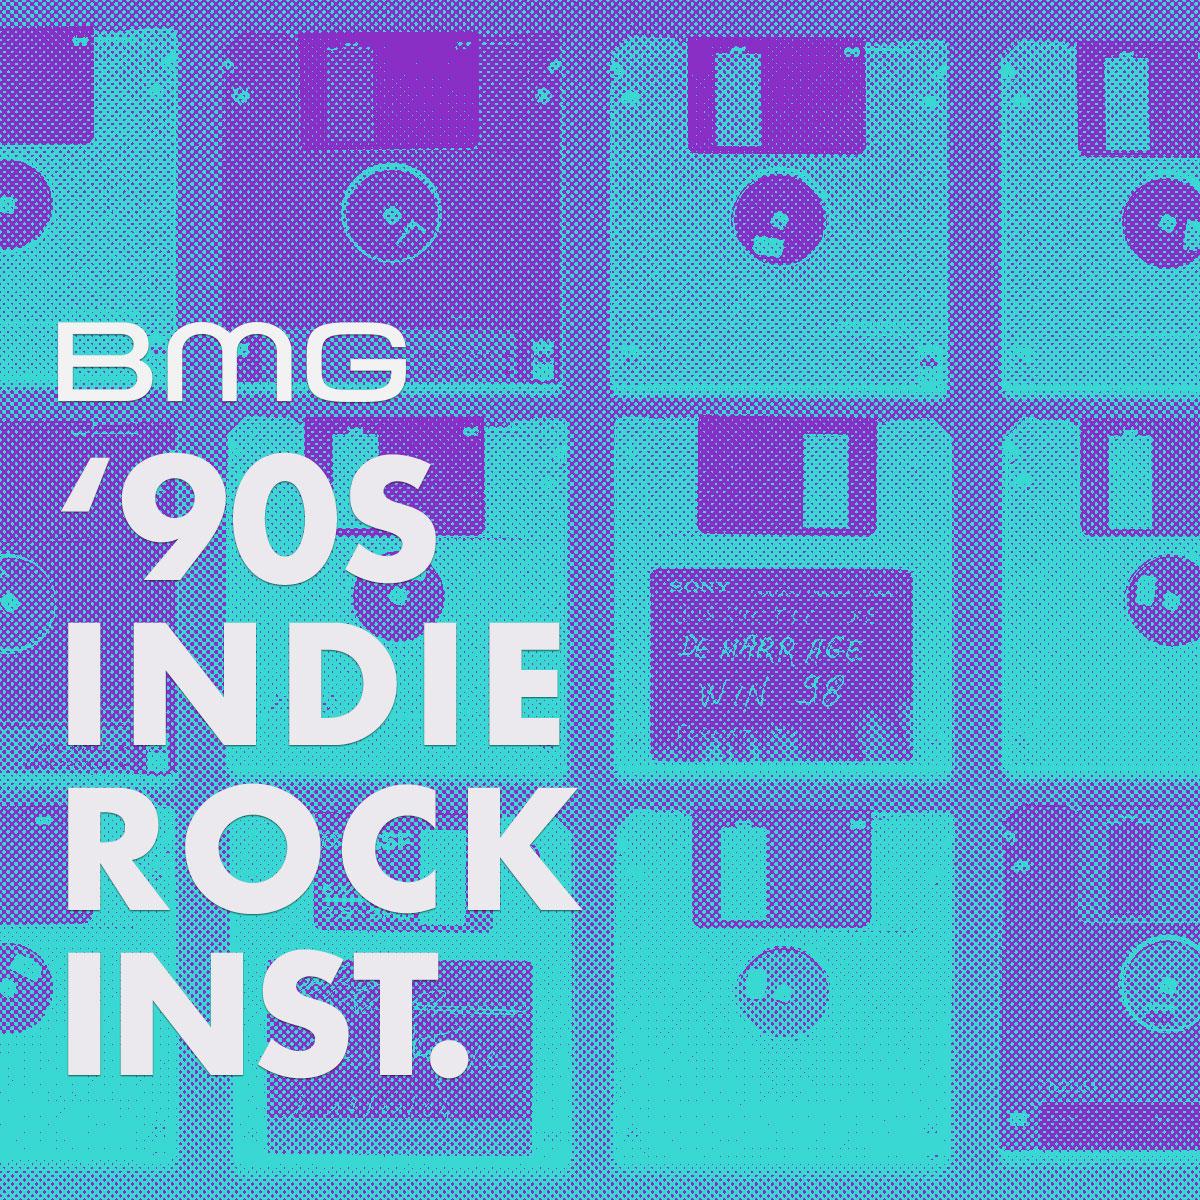 1200-x-1200-90S-INDIE-ROCK-INSTRUMENTAL.jpg